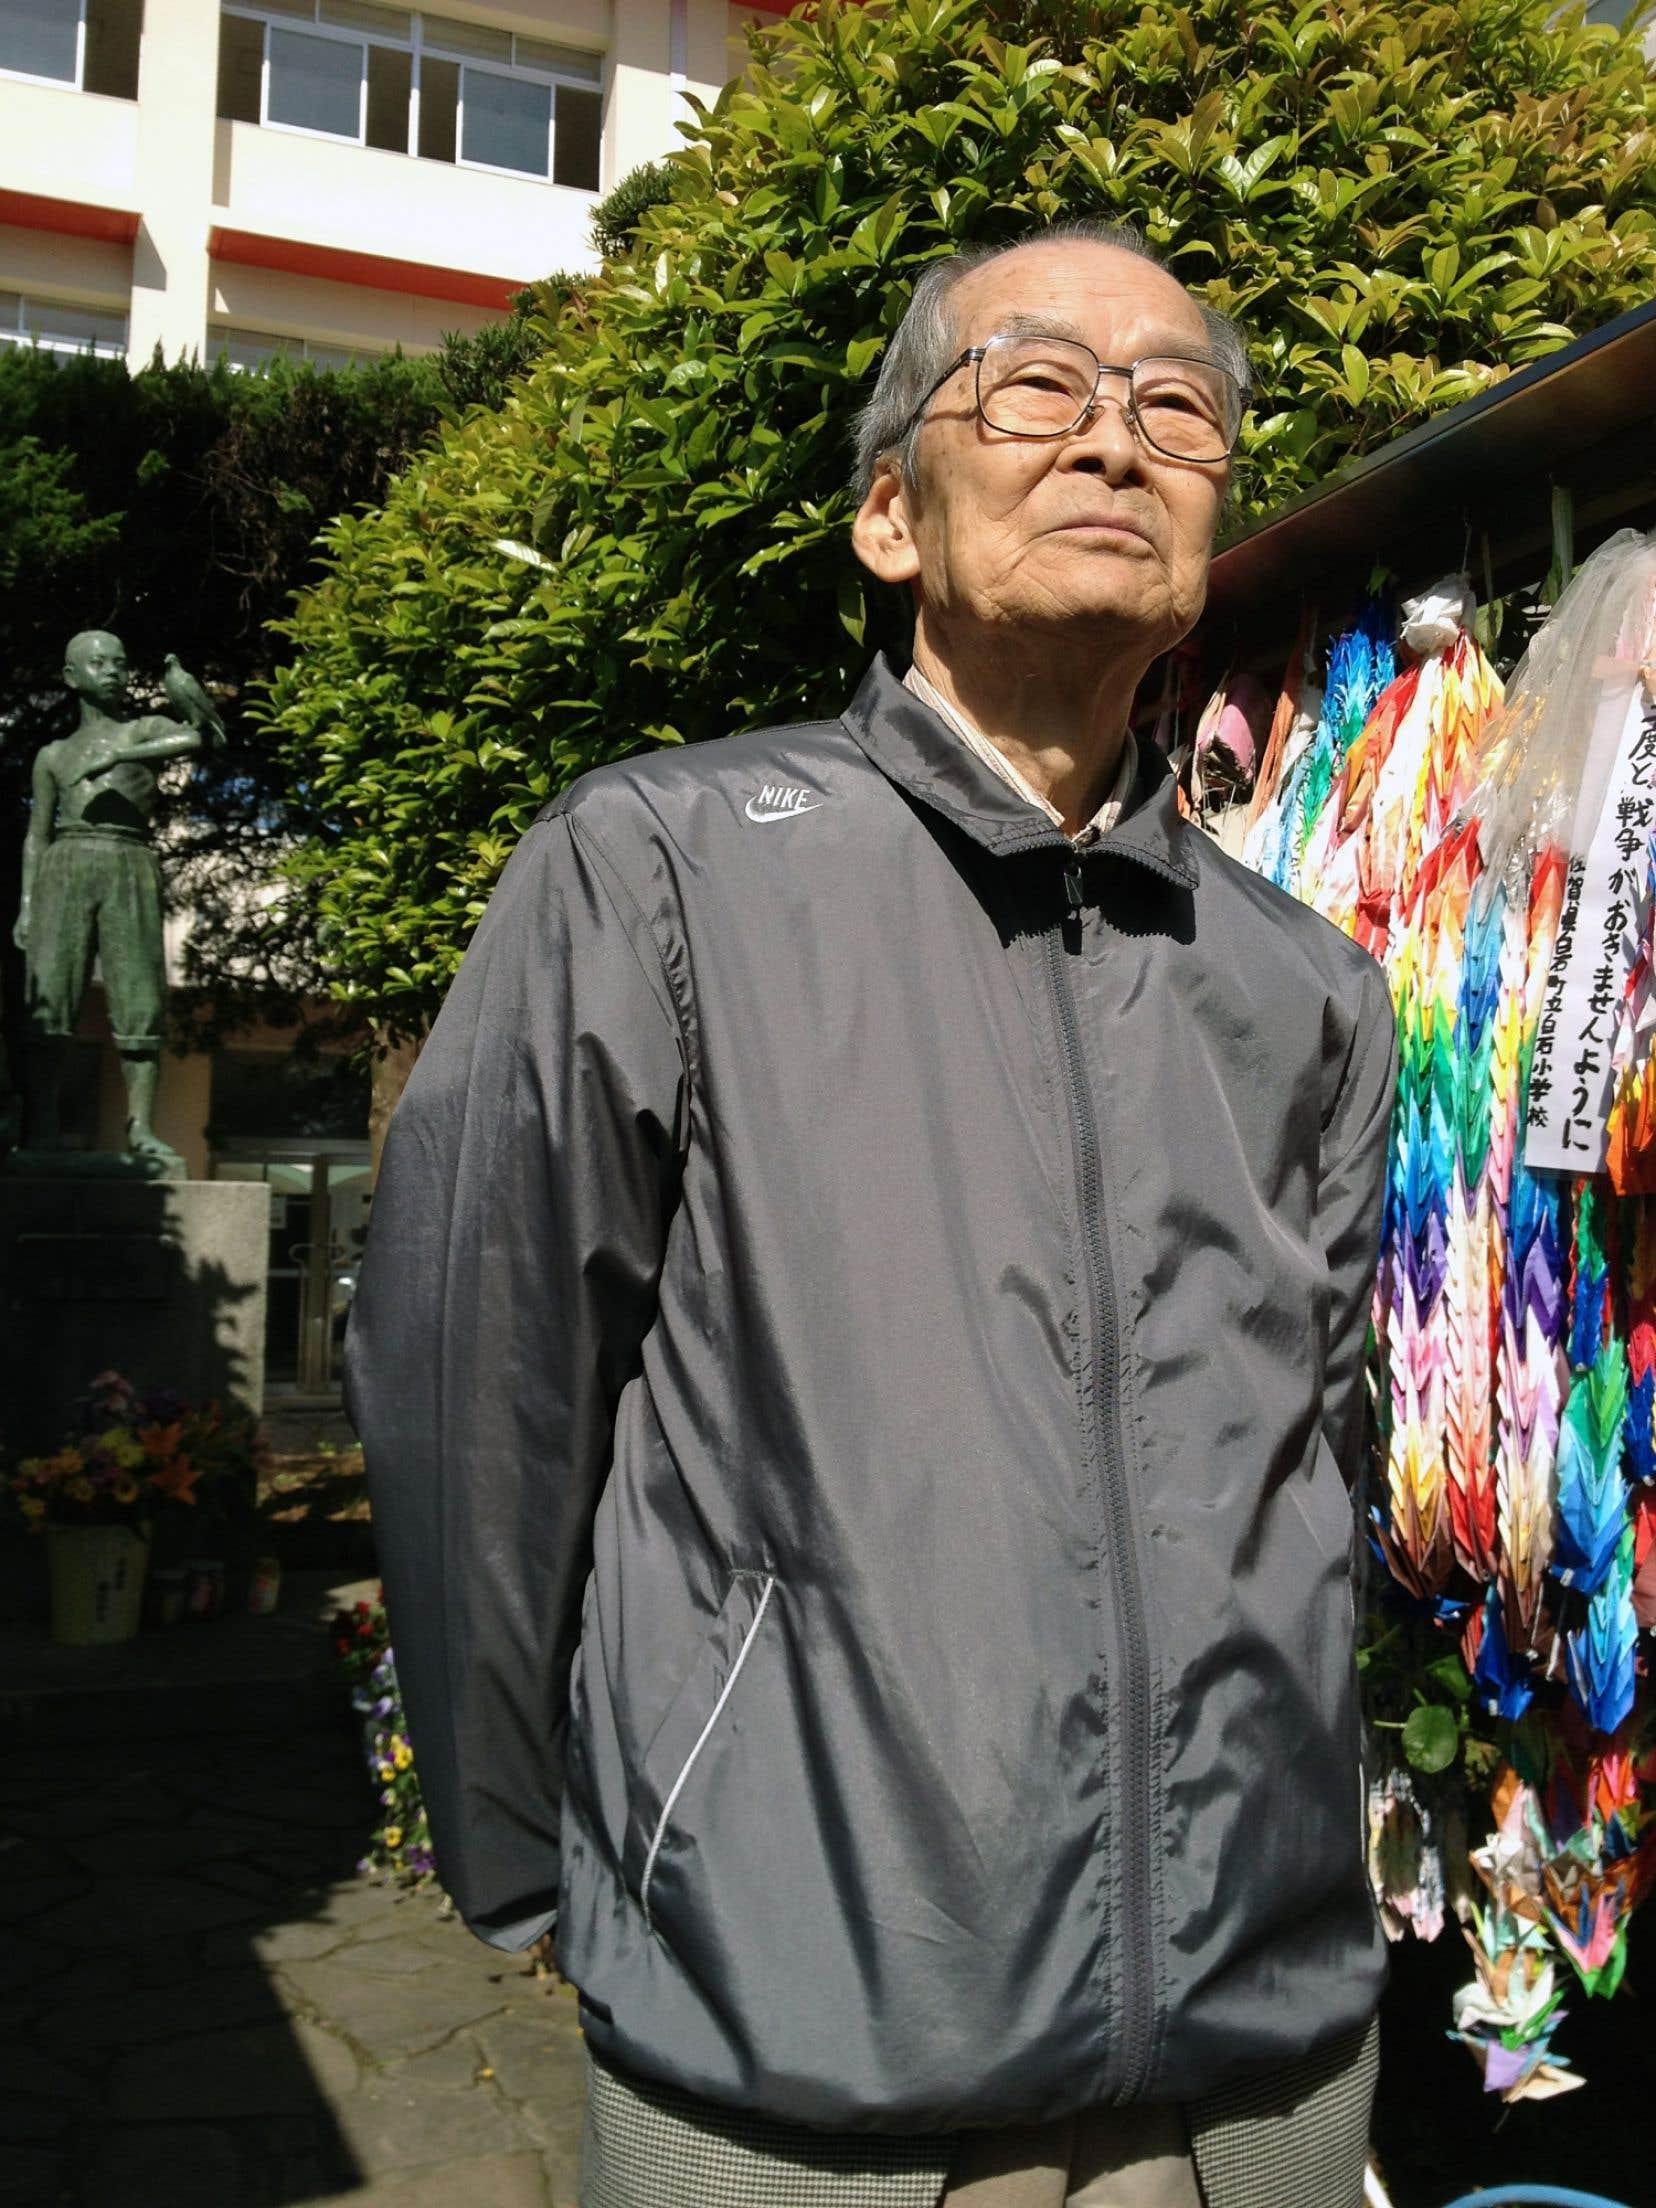 Tsukasa Uchida avait 15 ans lorsque l'école Shiroyama de Nagasaki, derrière lui, a été soufflée par la bombe atomique.